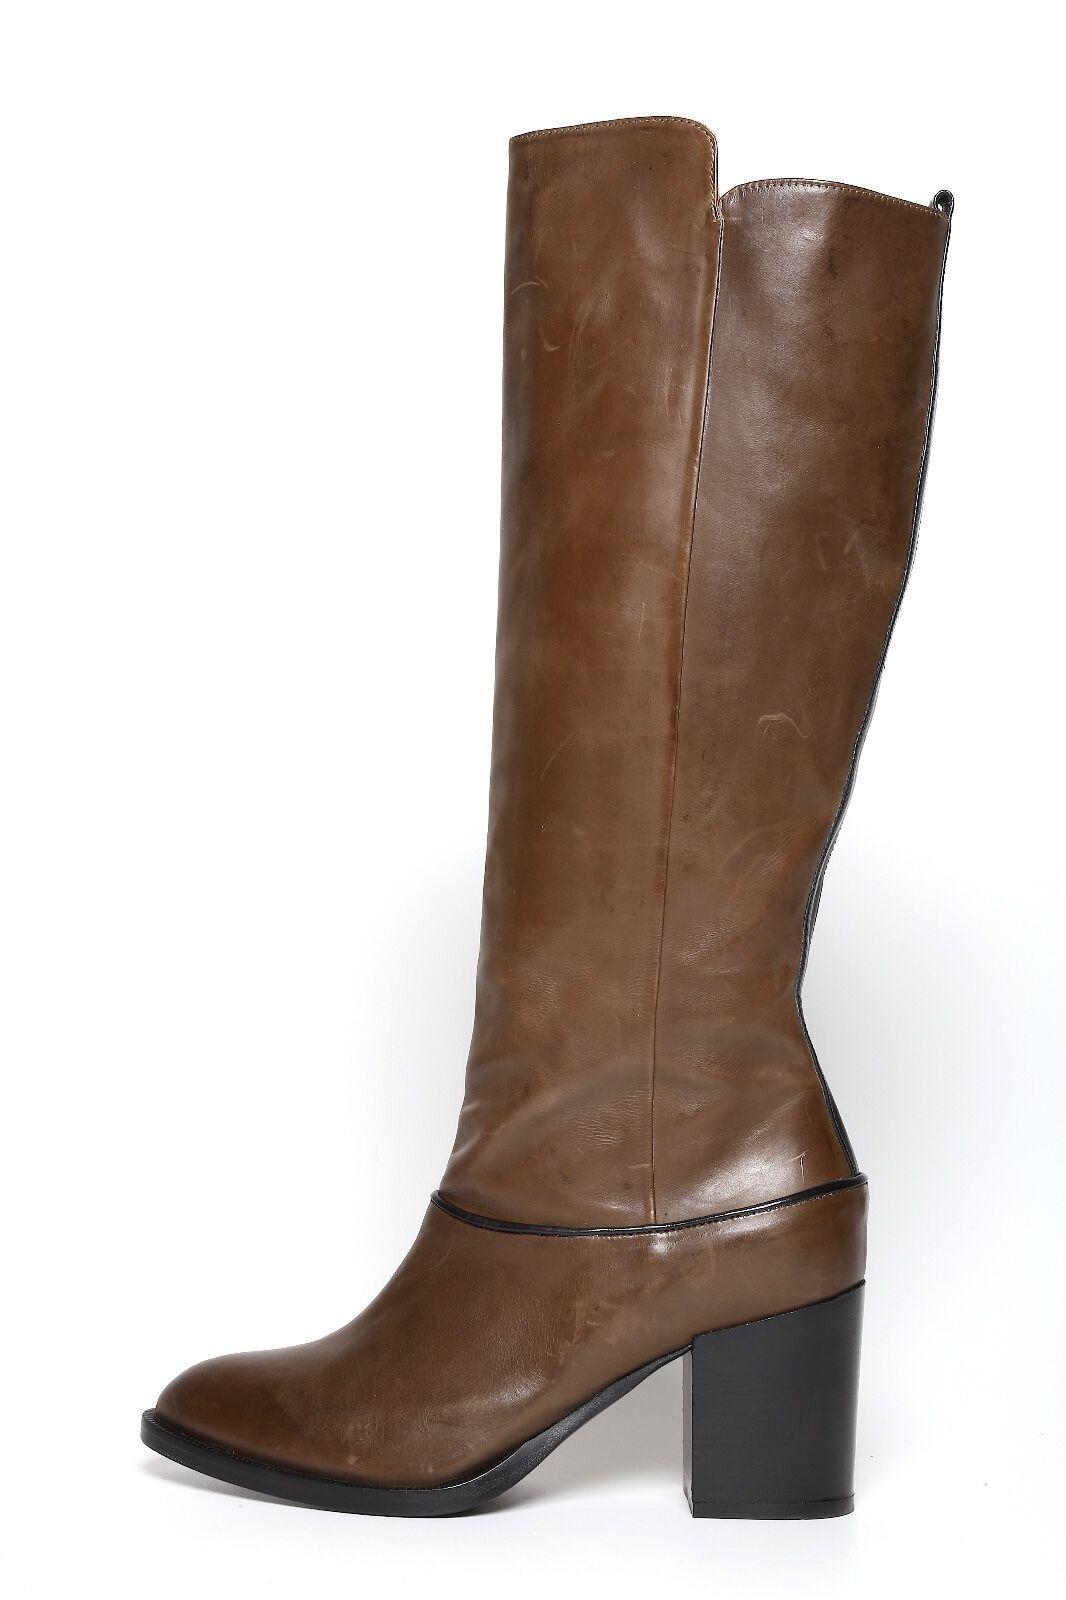 Alberto Fermani Women's Brown Side Zipper Boots 6710 Sz 40 EUR